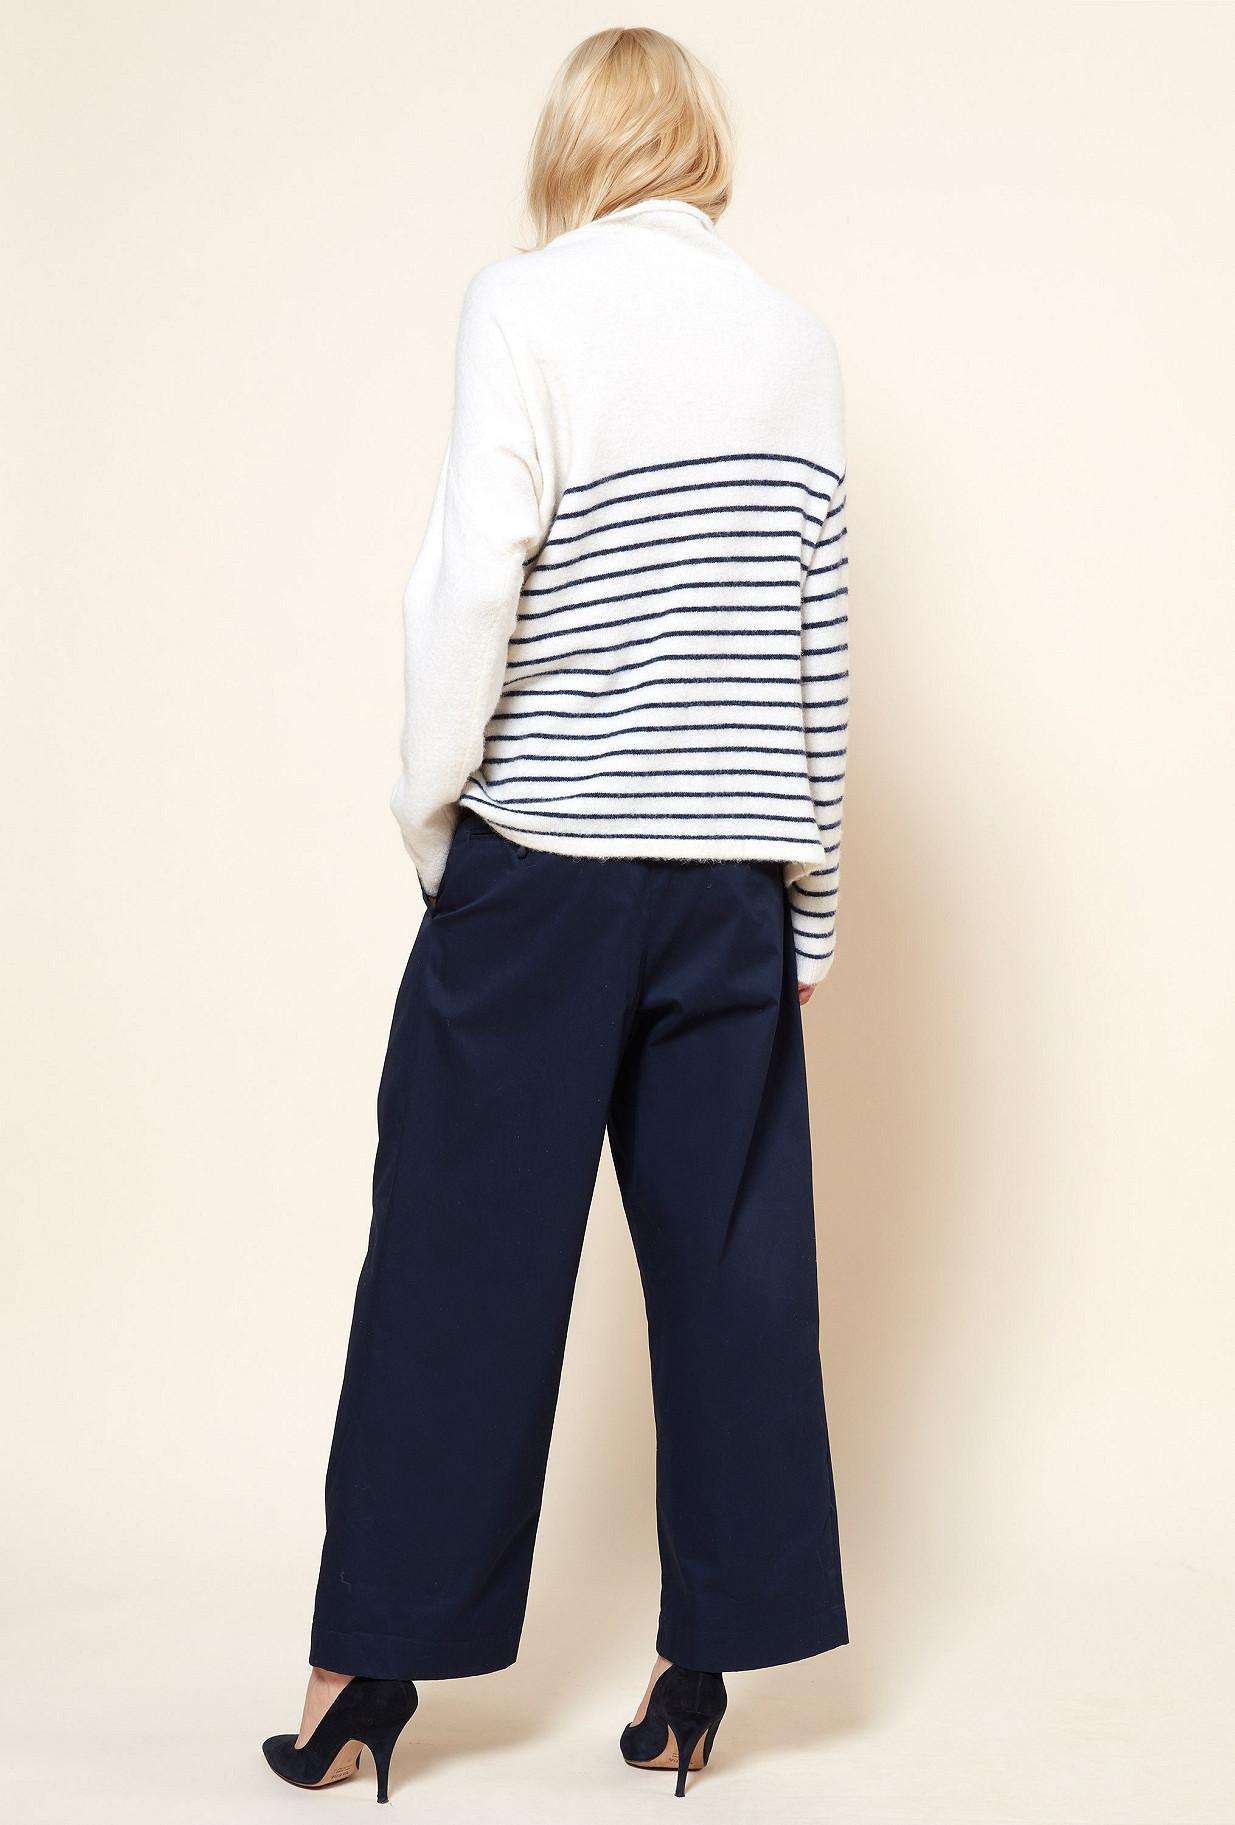 Ecru stripe  Knit  Kersauson Mes demoiselles fashion clothes designer Paris